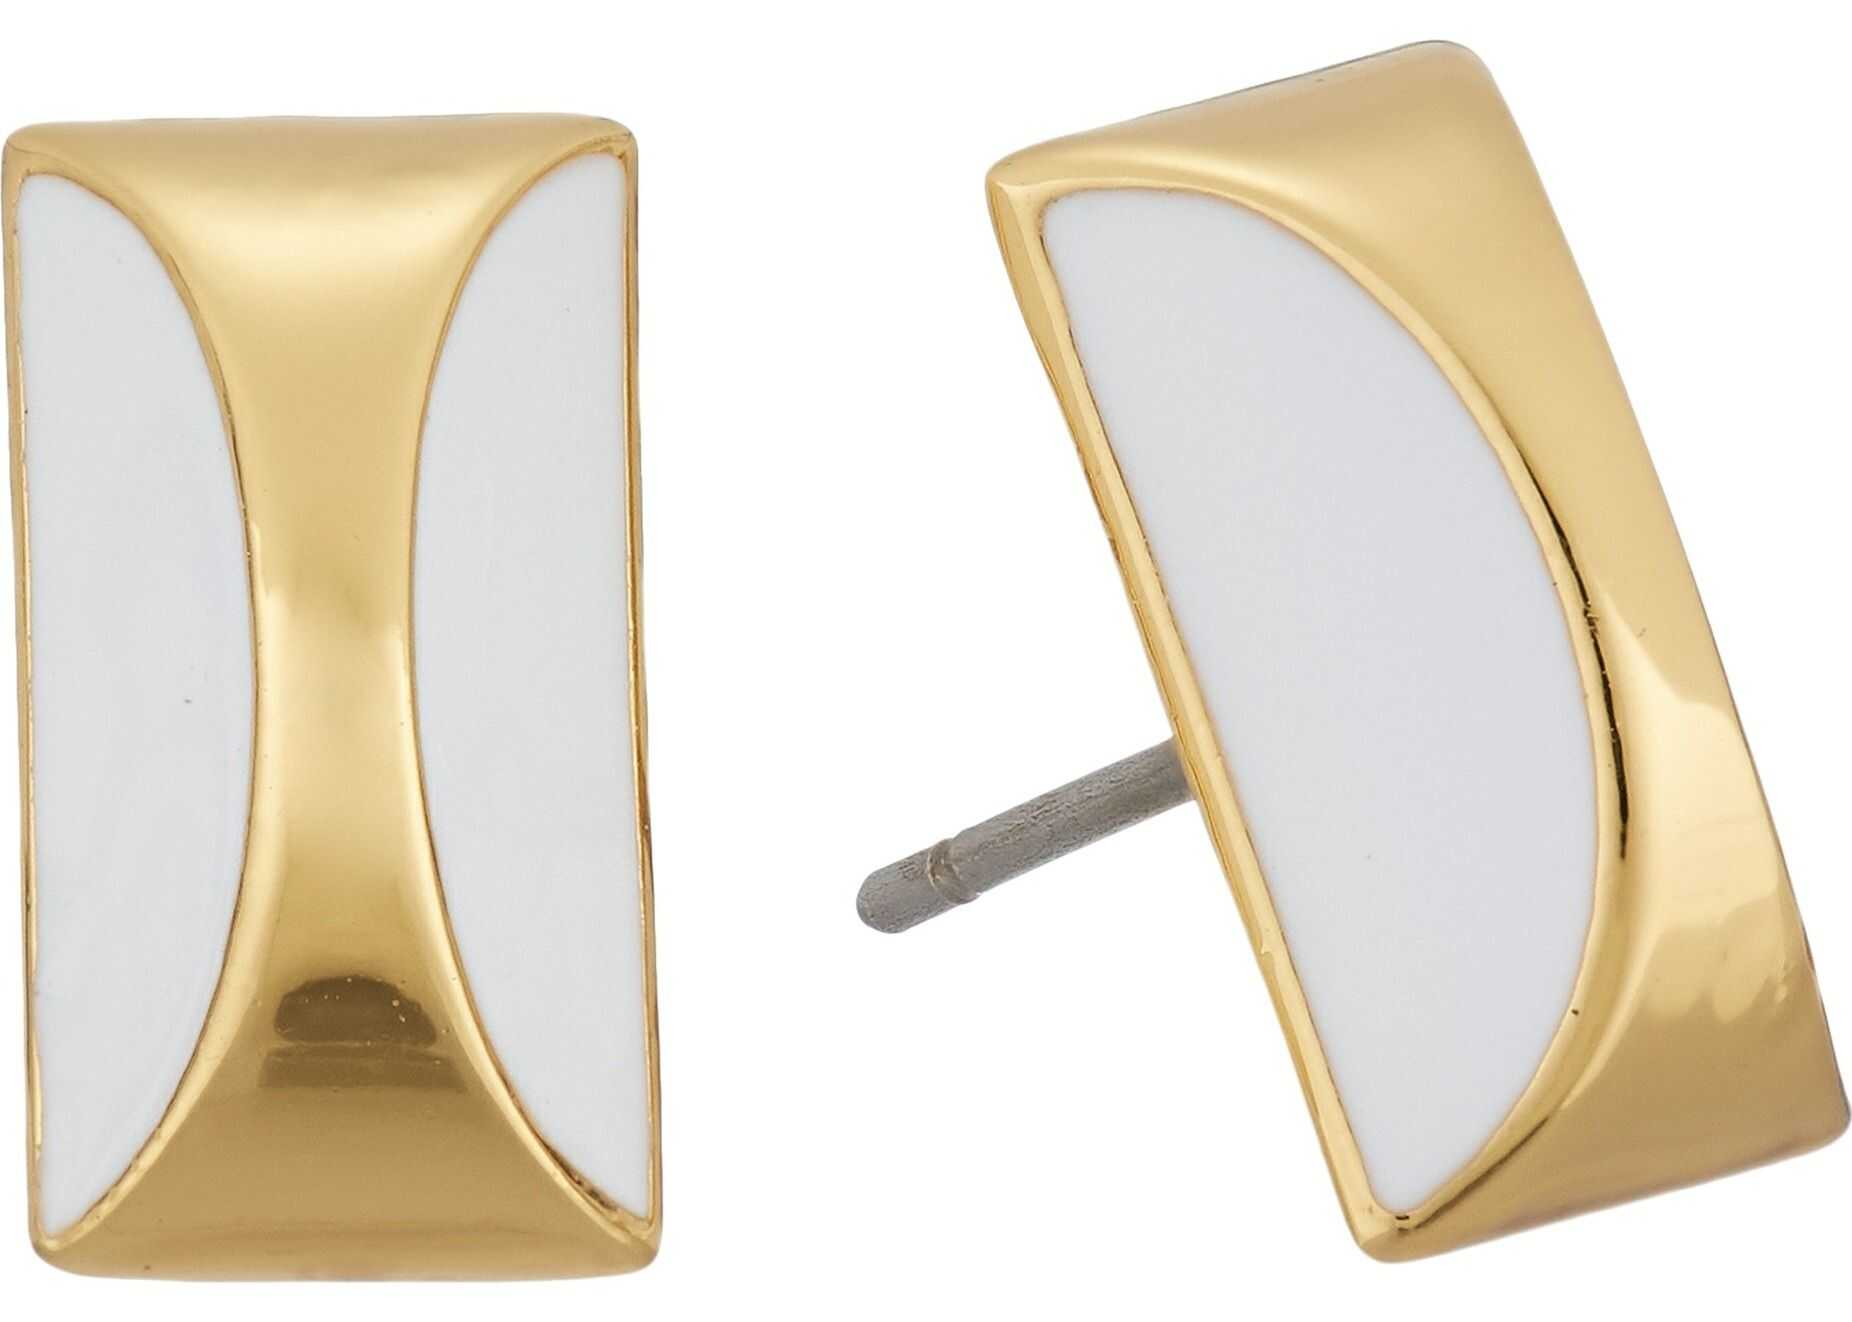 Kate Spade New York Sliced Scallops Studs Earrings White